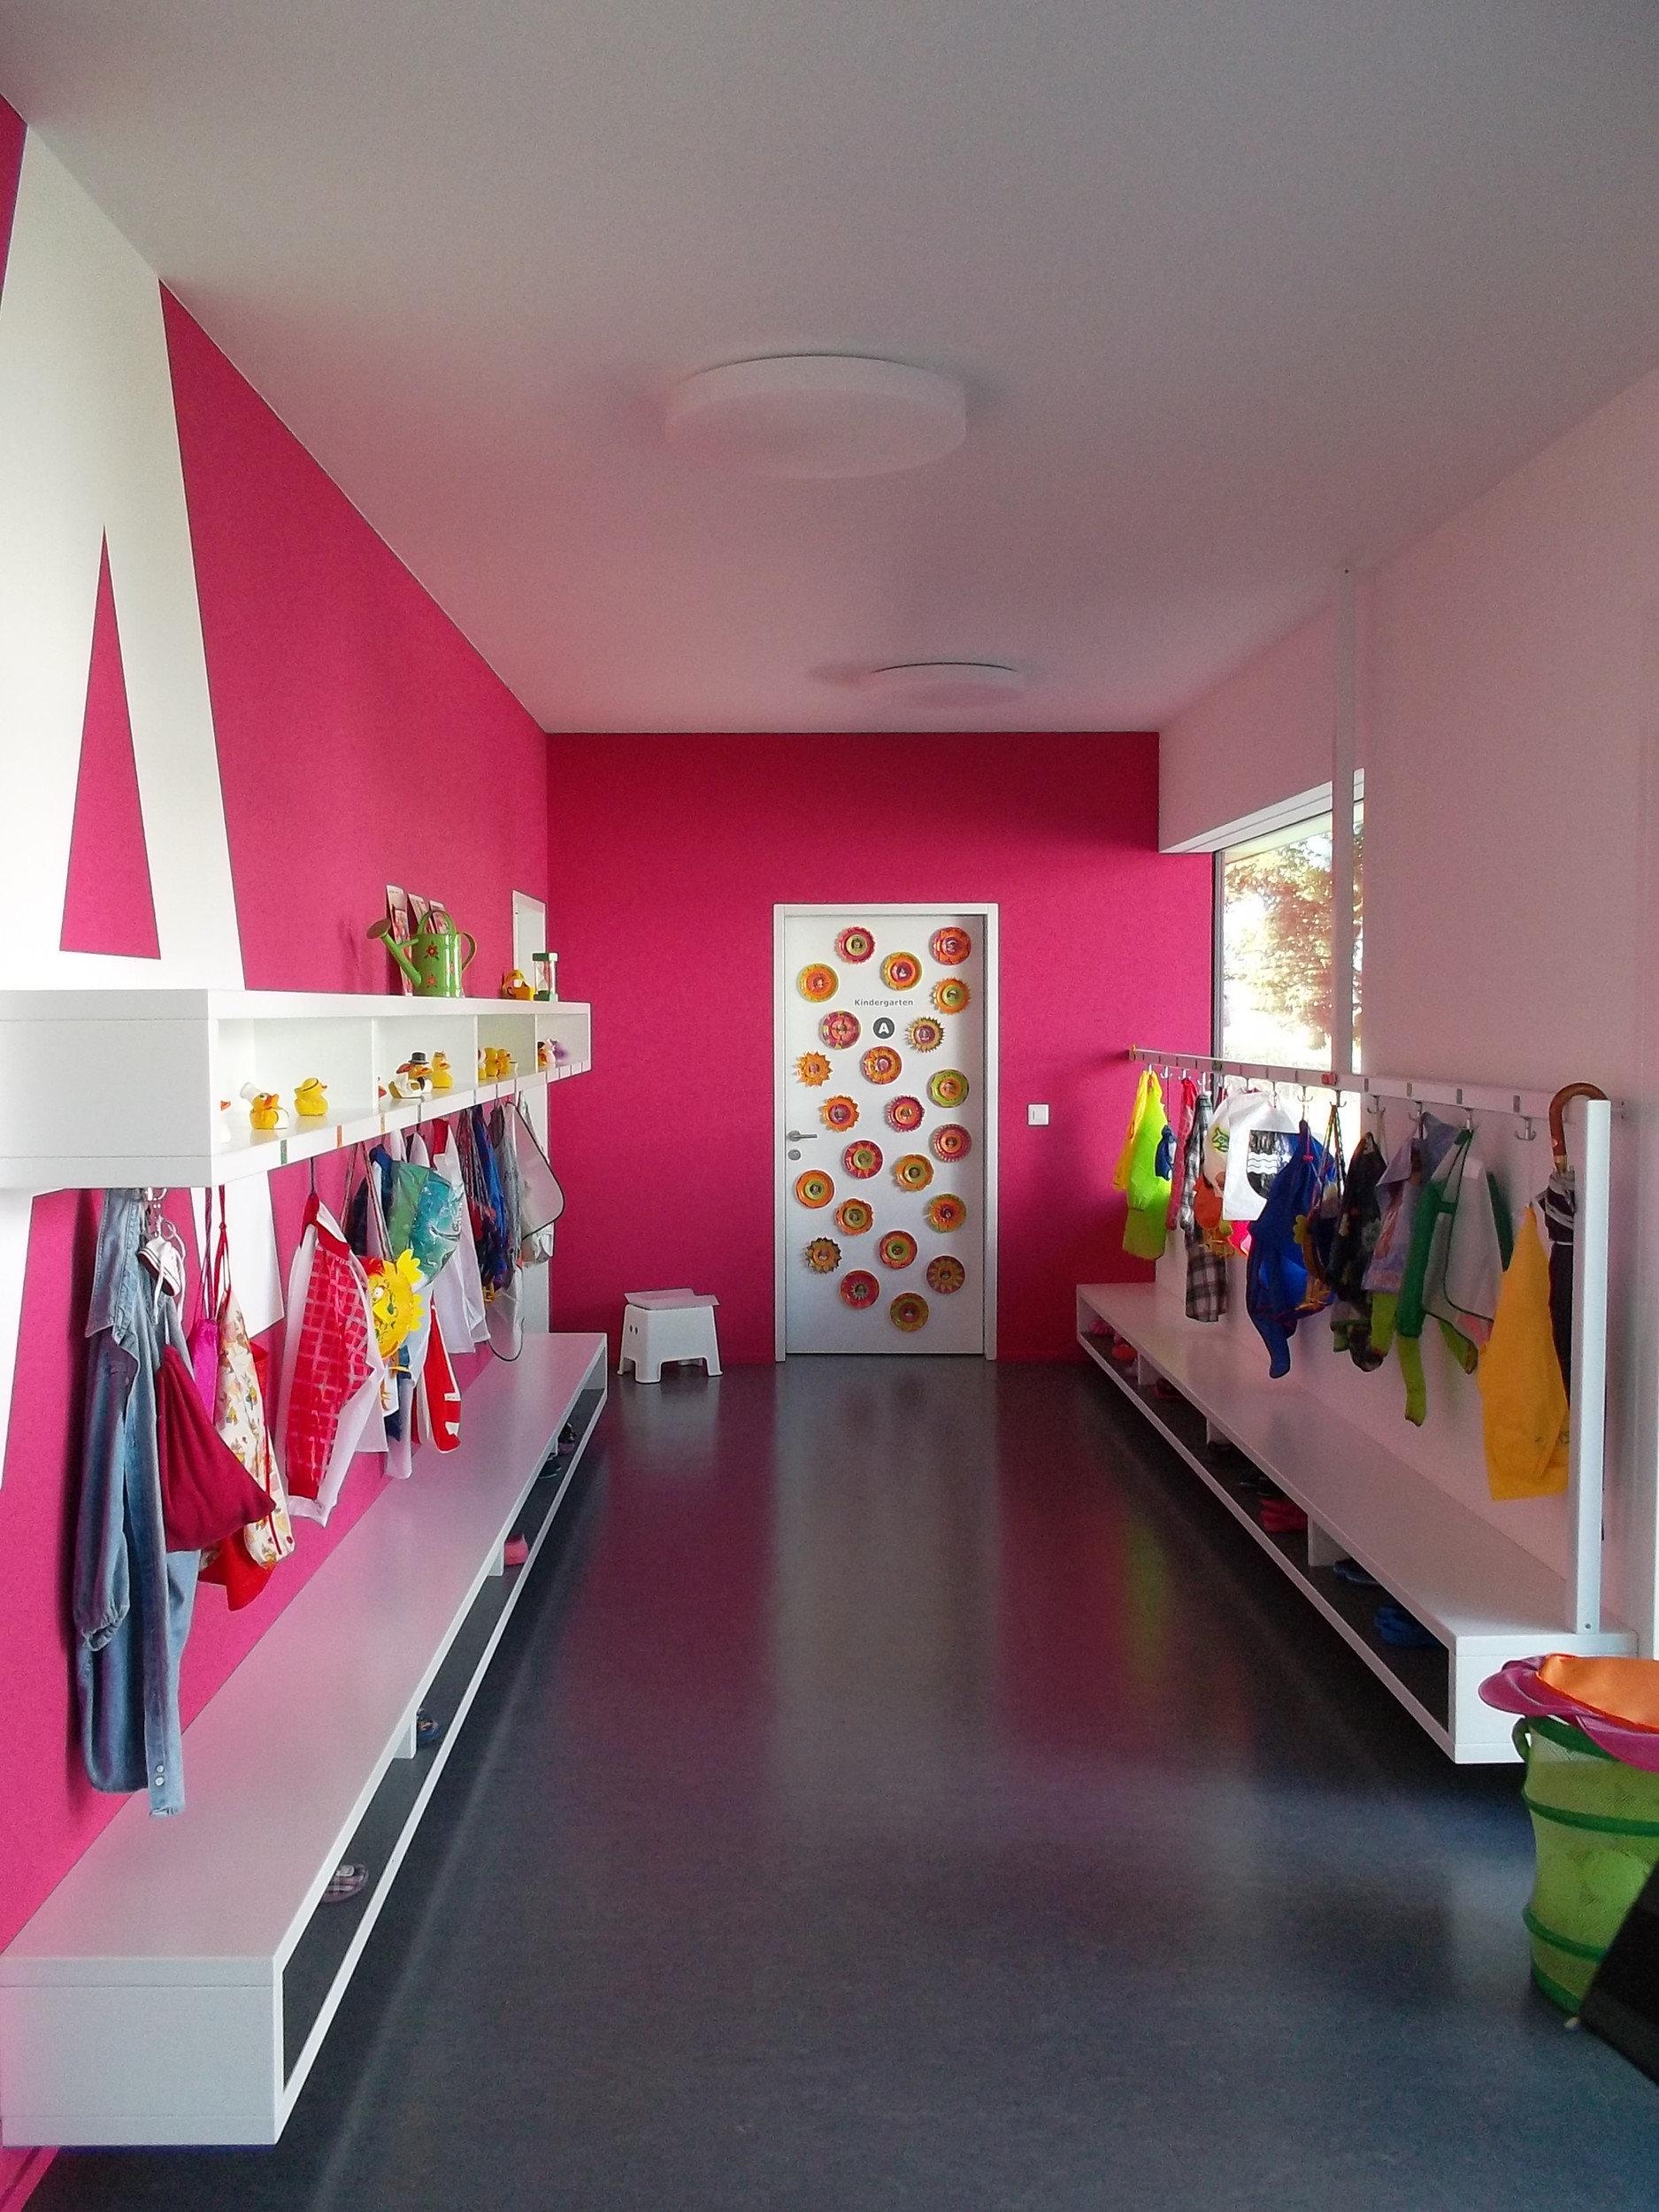 Farbenfrohe Garderobe in hellem und modernem Design